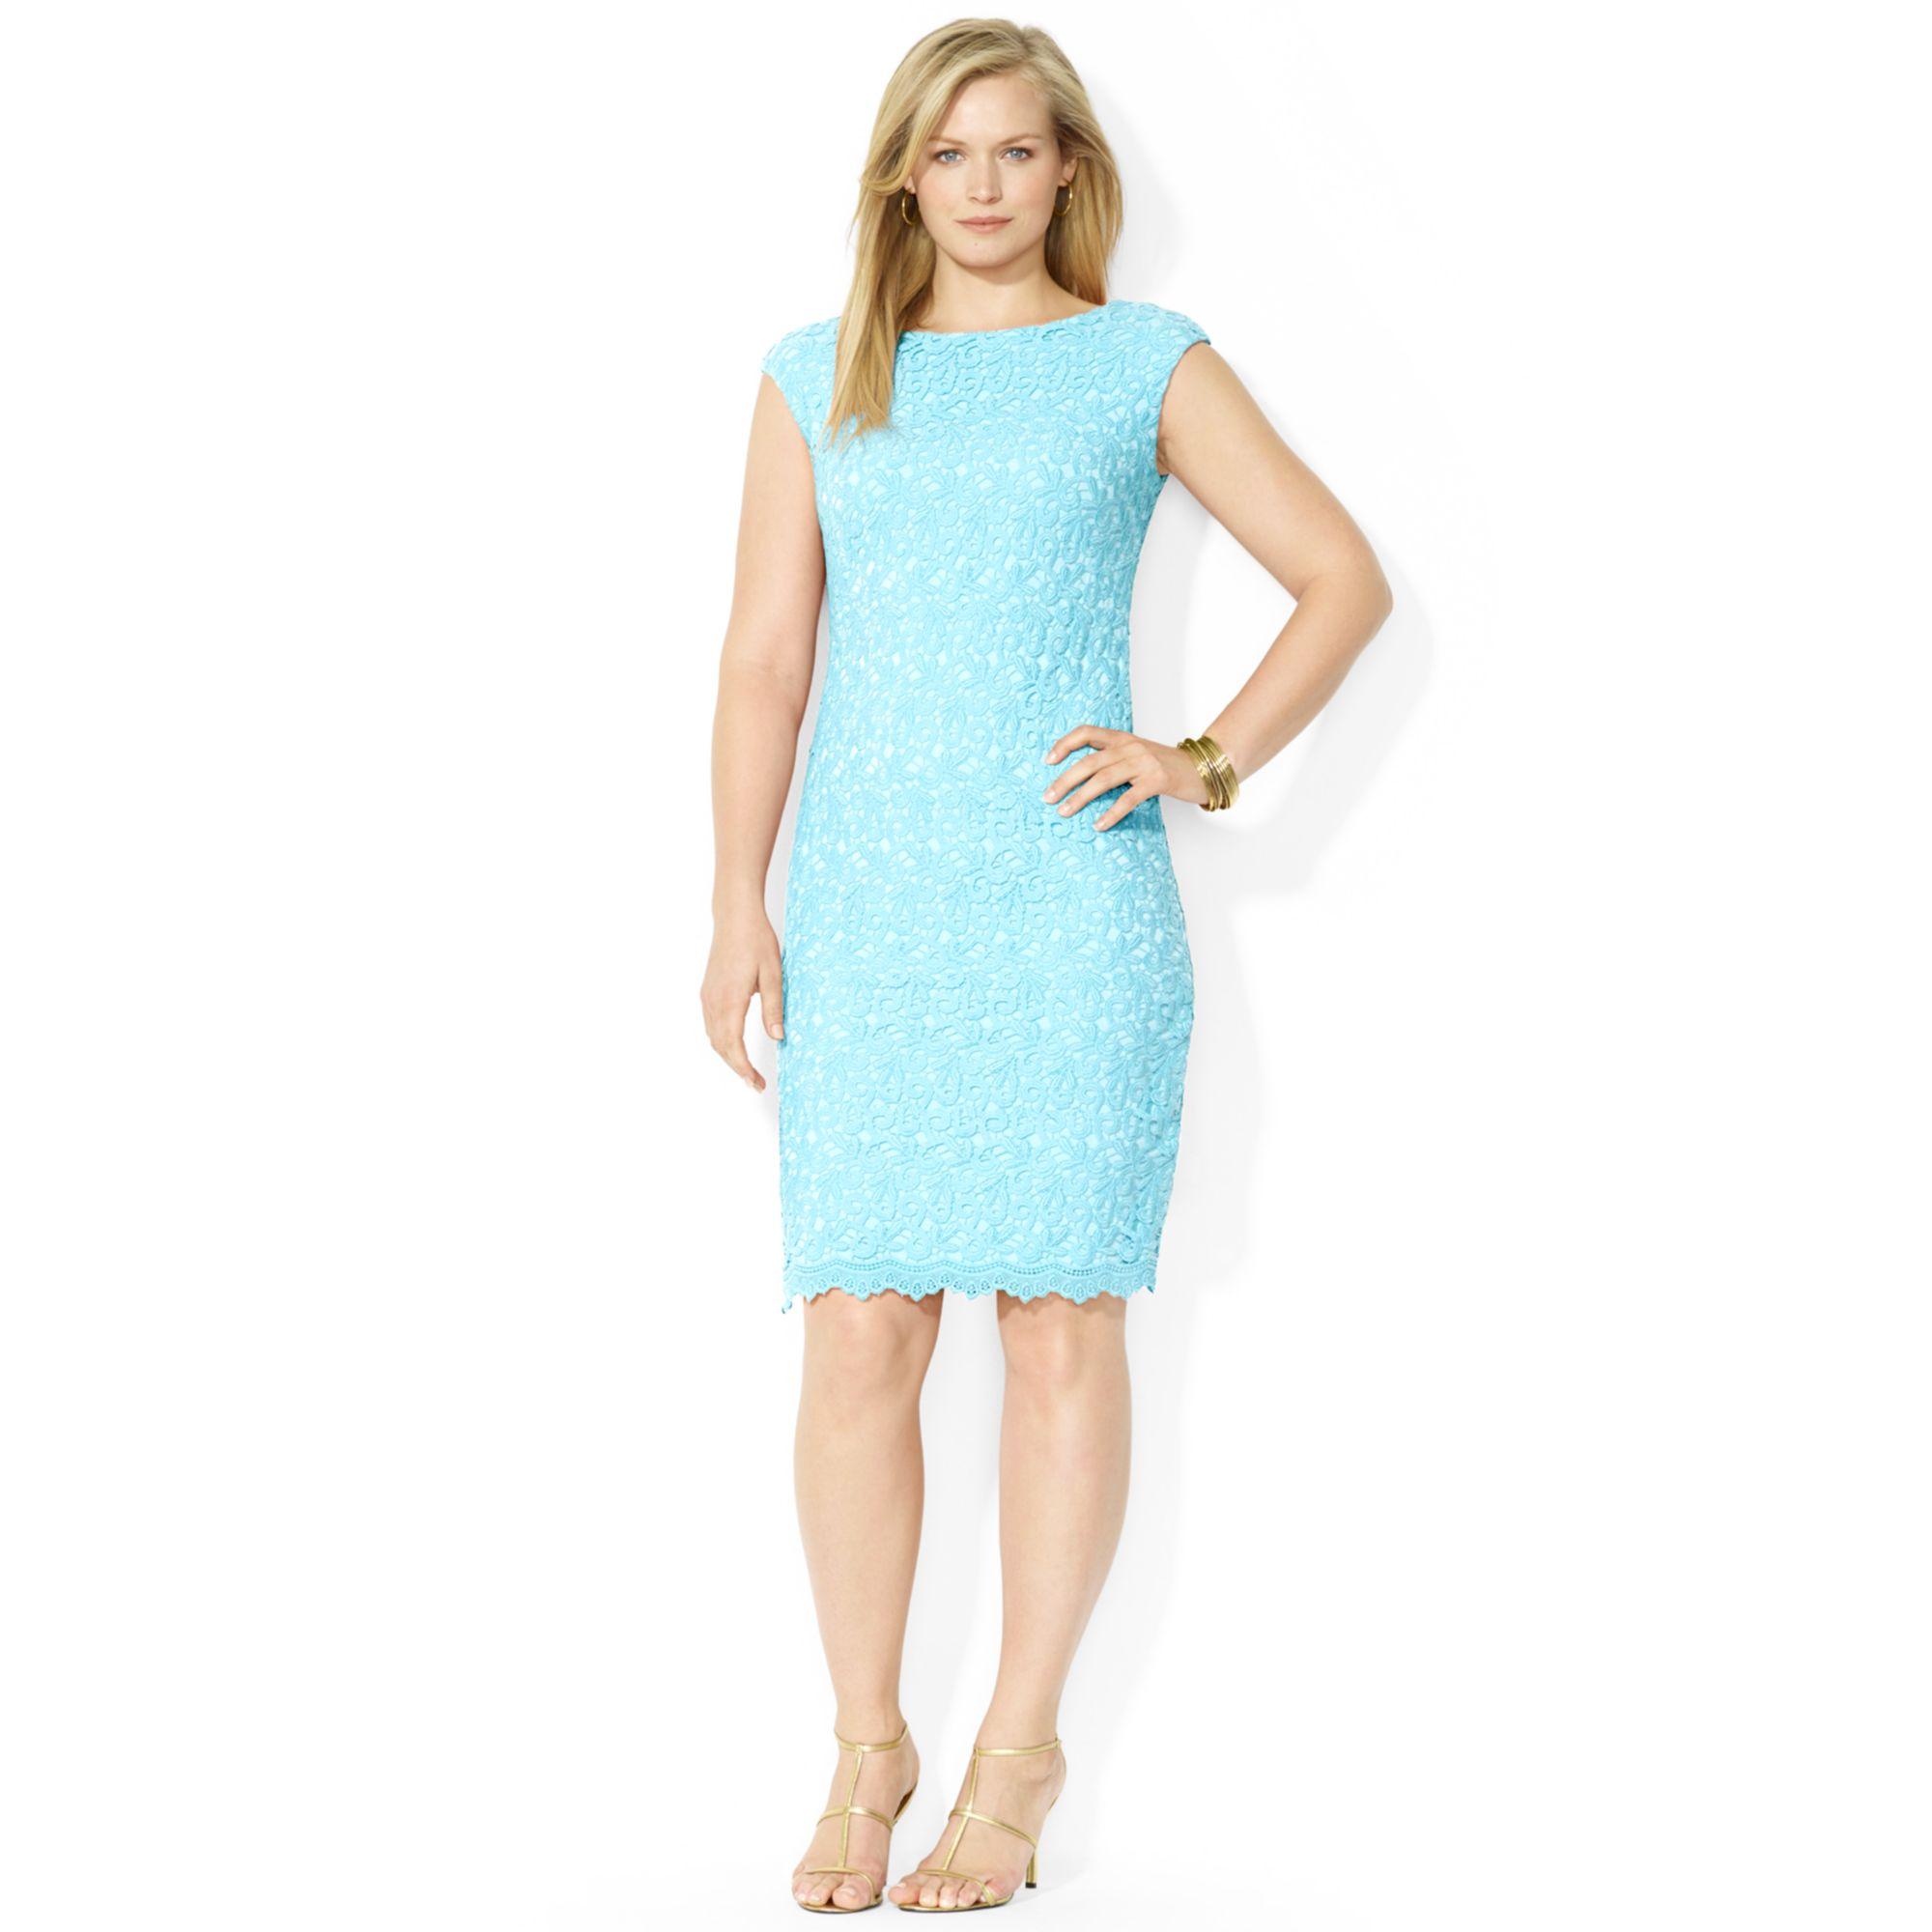 Lyst - Lauren By Ralph Lauren Plus Size Capsleeve Lace Shift Dress ...